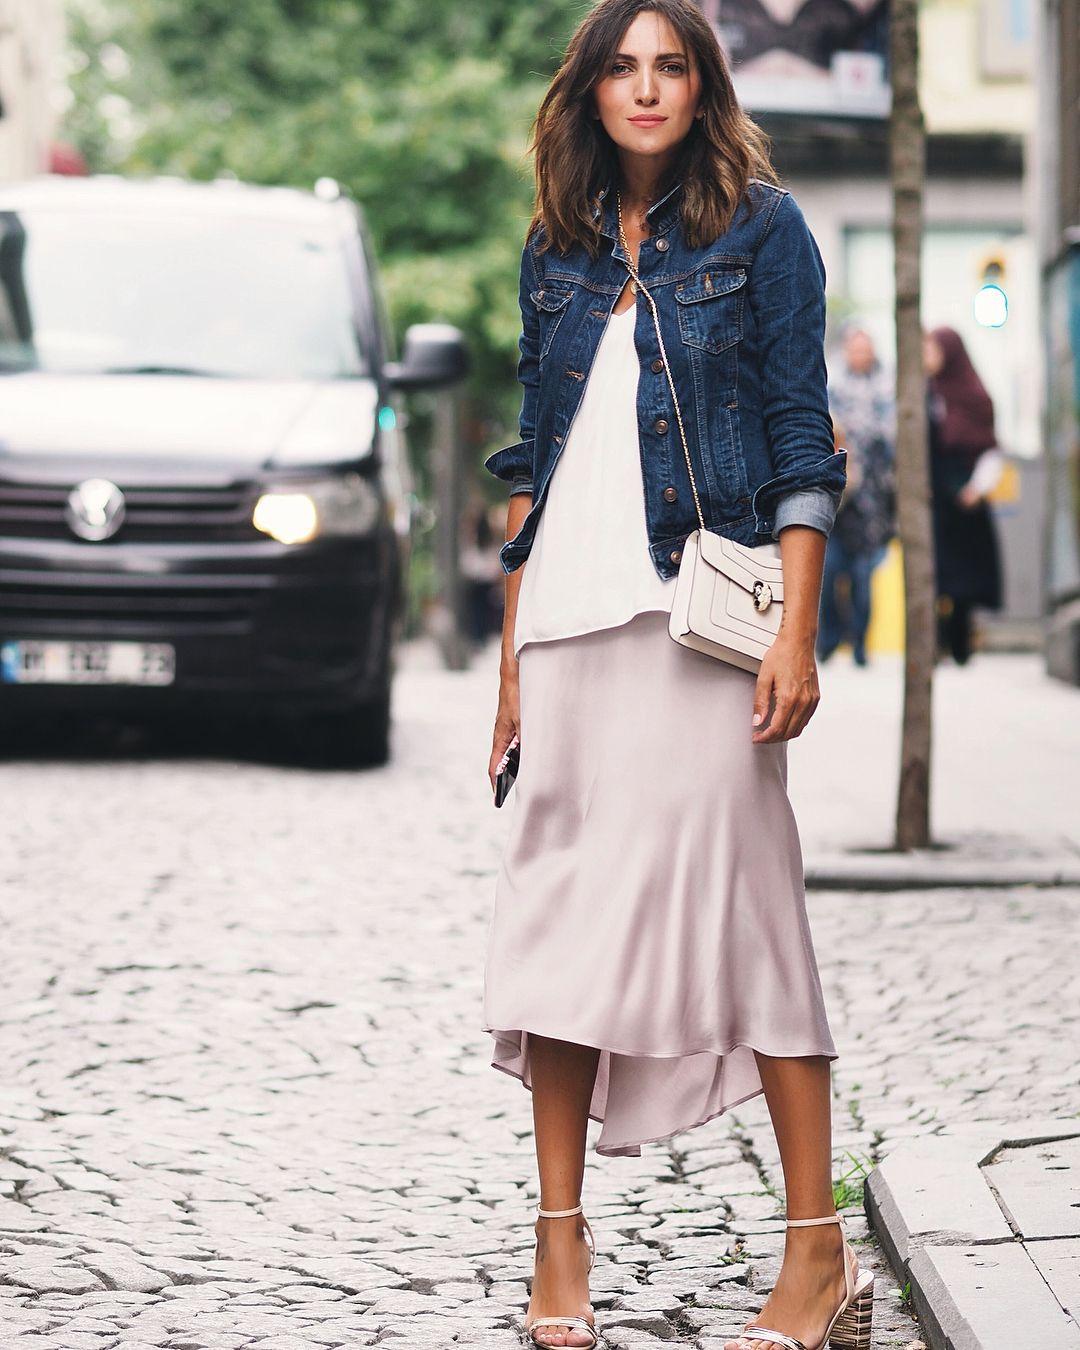 Denim Jacket + Satin Midi Skirt | Clothes, Midi skirt, Satin midi skirt